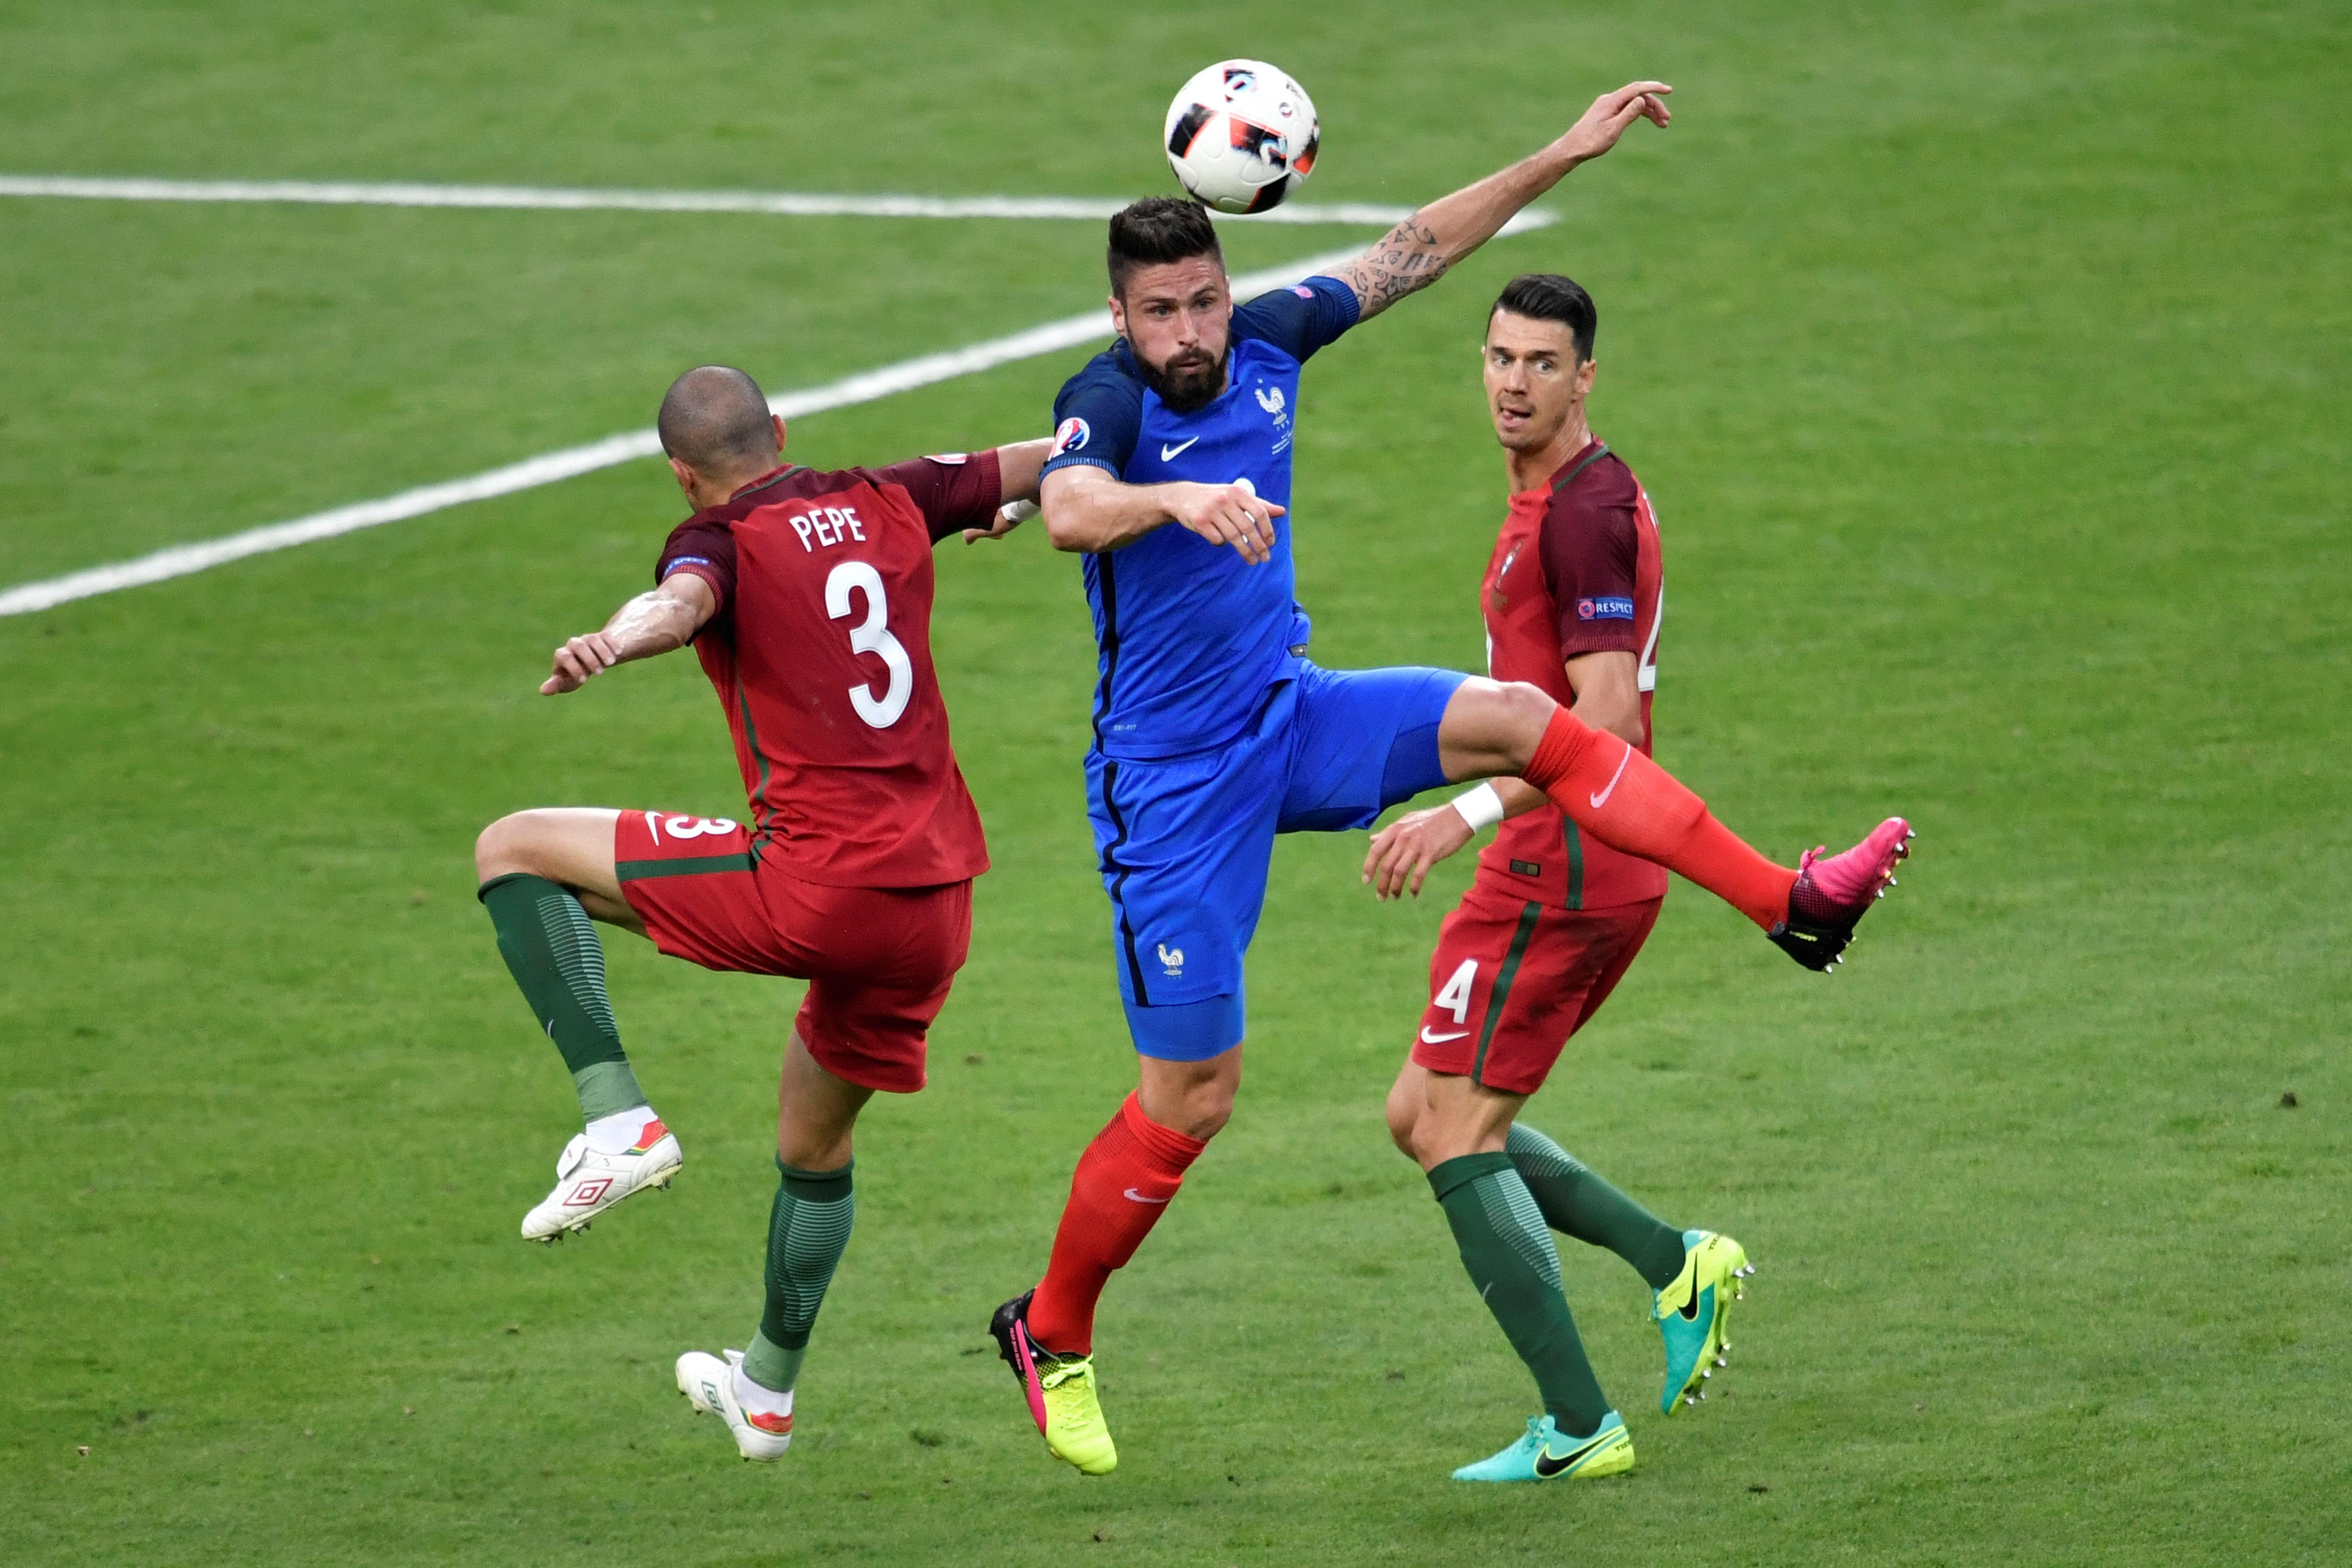 法國前鋒基奧特(中)和葡萄牙中場衛比比(左)在比賽中。(LOPEZ/AFP)